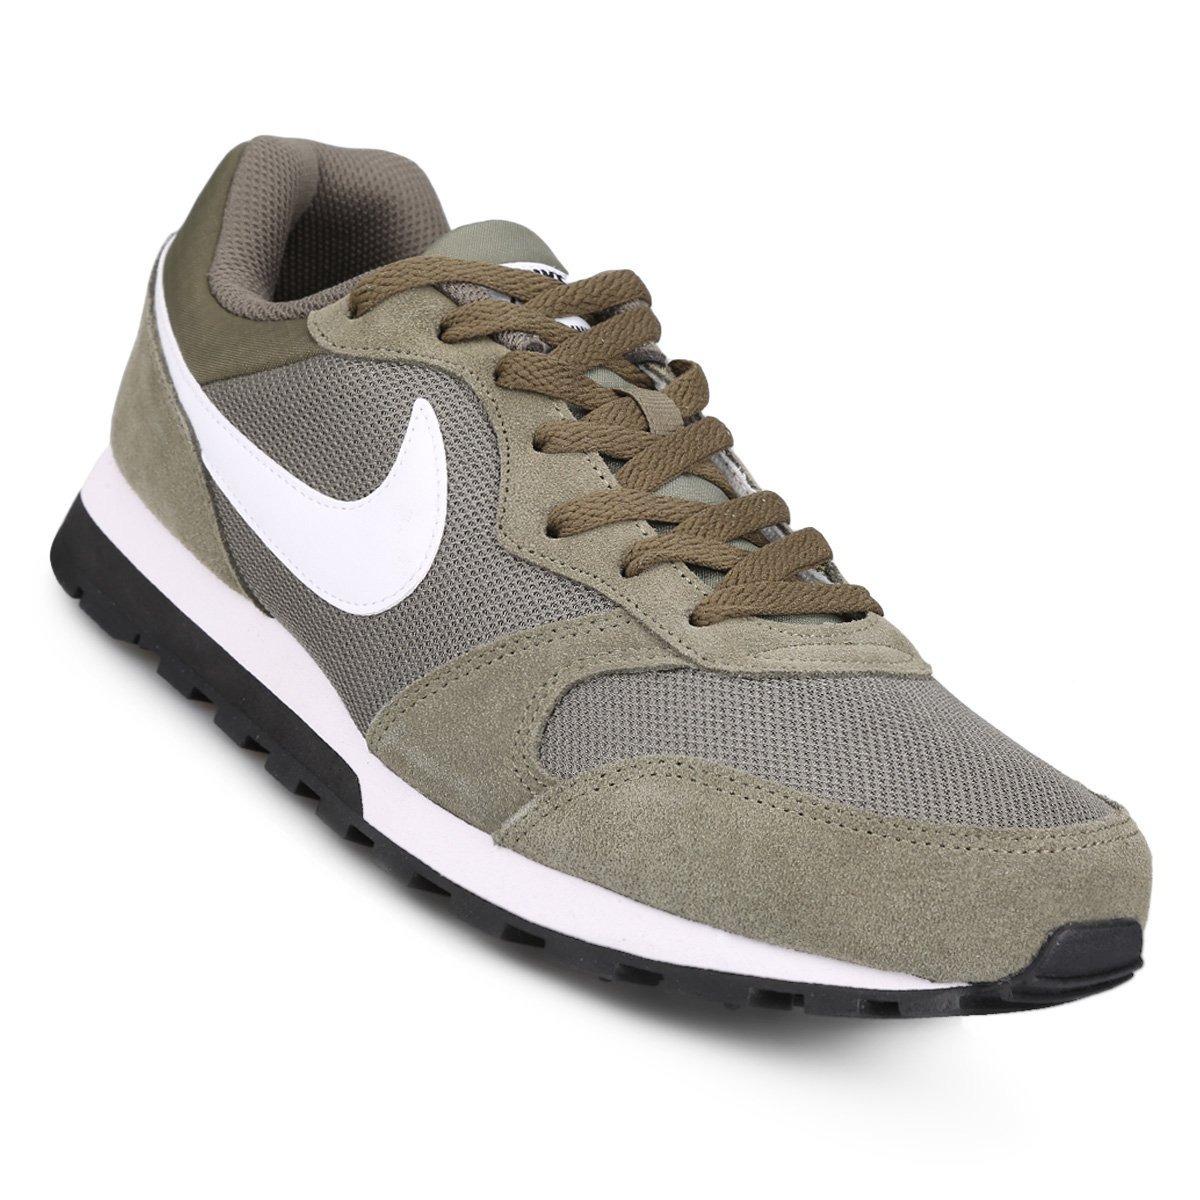 29385413174 zapatillas nike md runner 2 - hombre - originales. Cargando zoom.